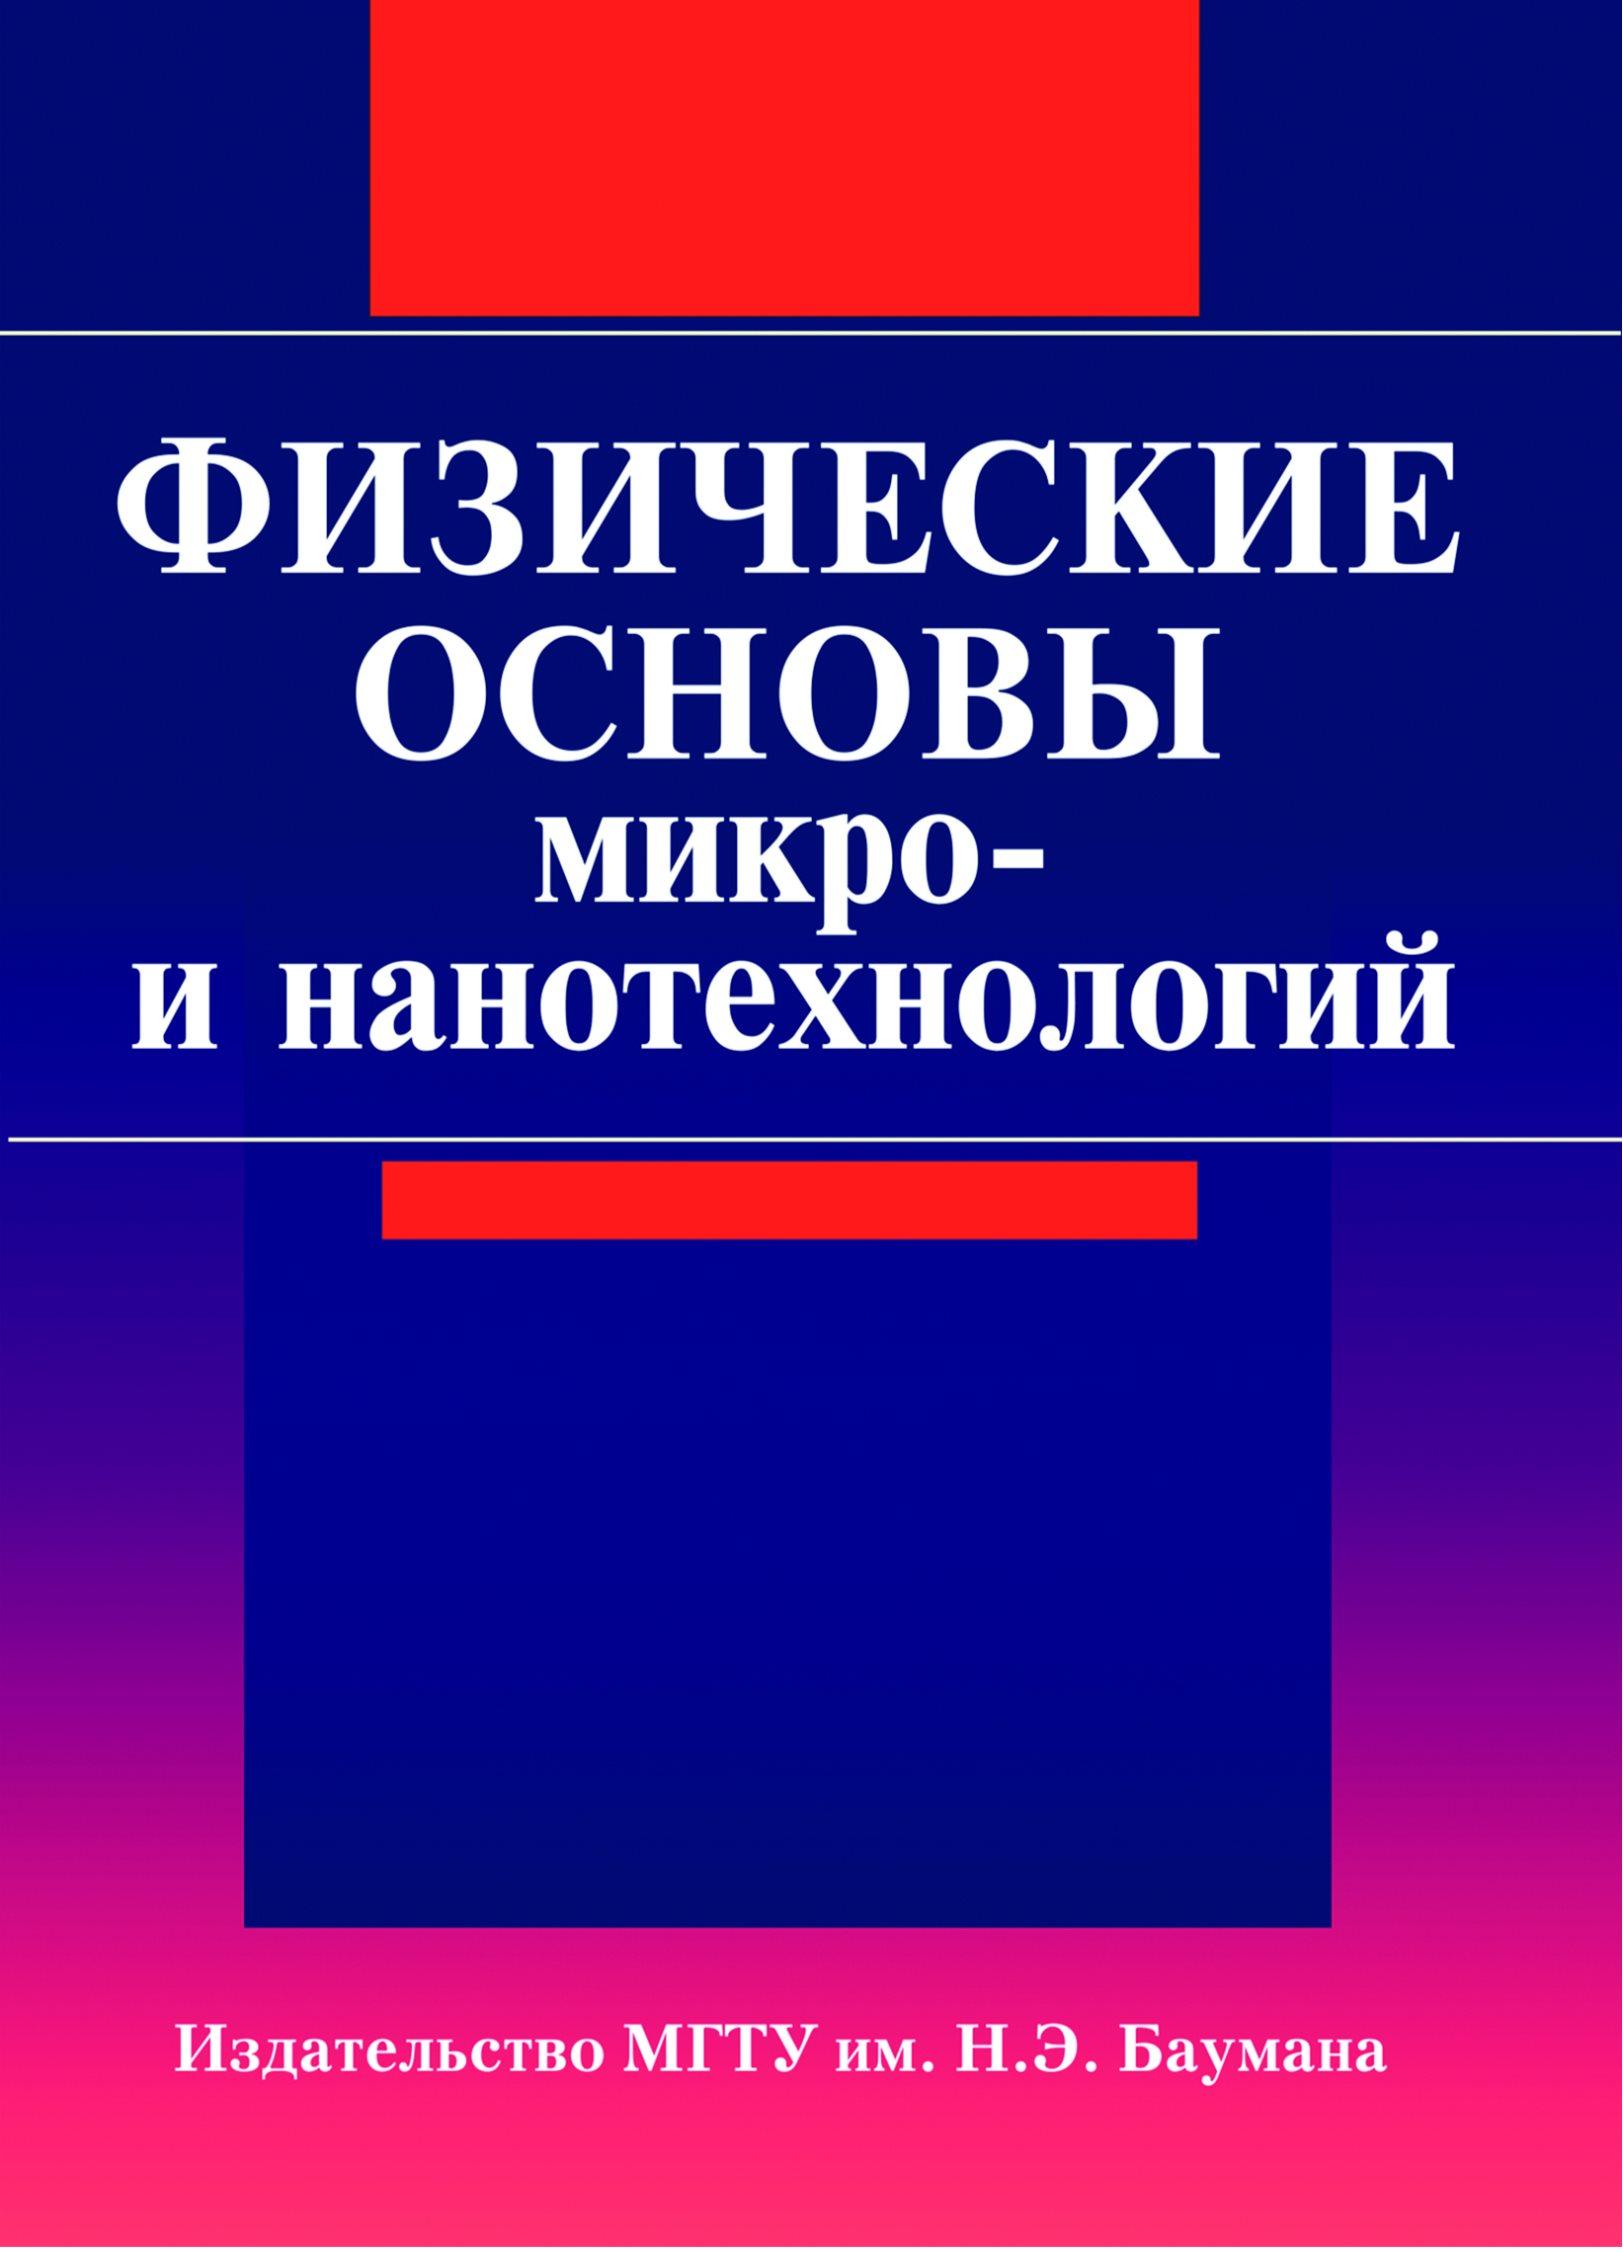 Сергей Бычков Физические основы микро- и нанотехнологий джи лиу растровая электронная микроскопия для нанотехнологий методы и применение